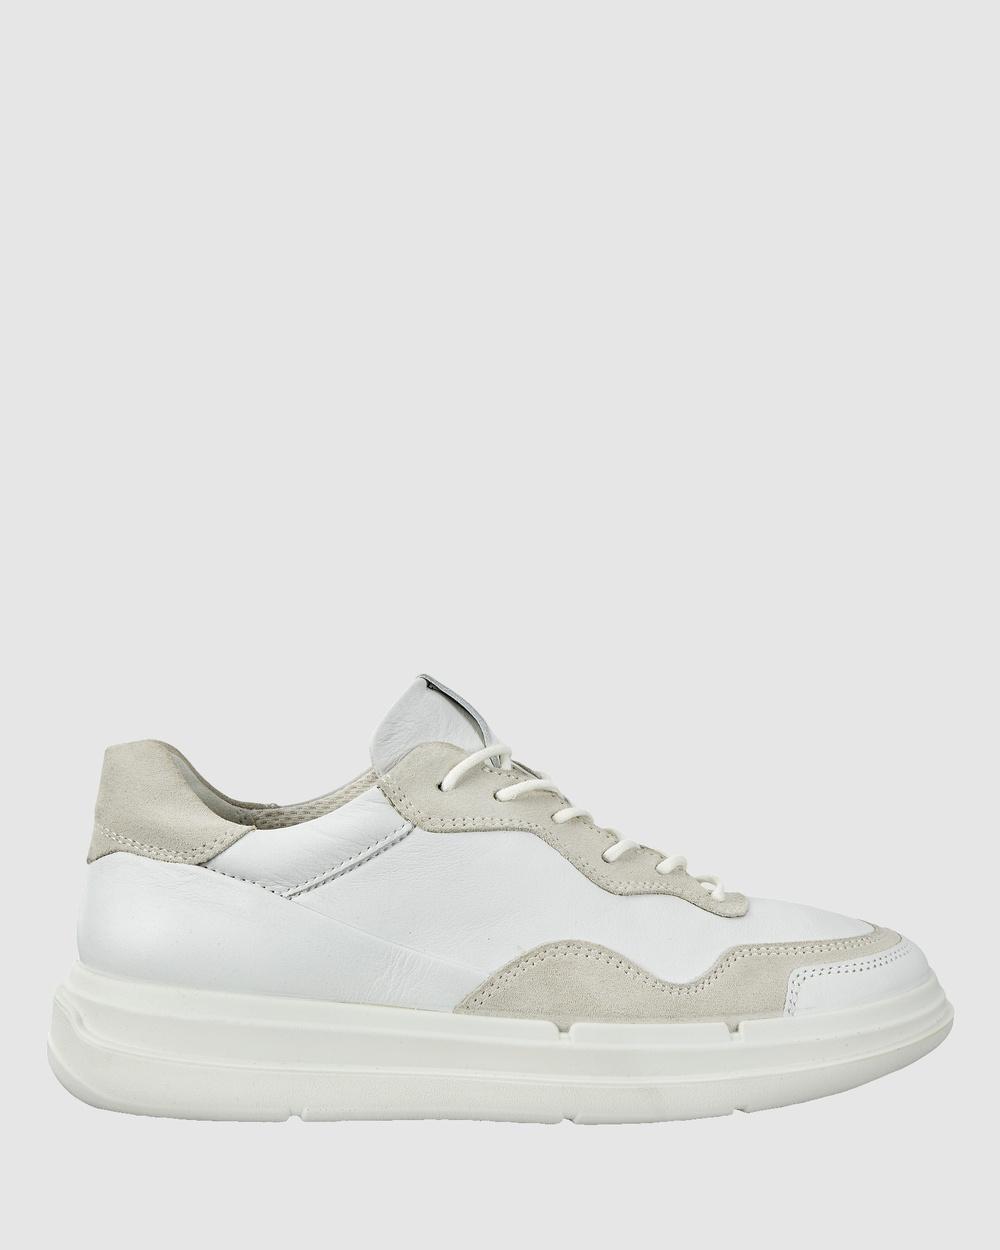 ECCO SOFT X W Sneaker Sneakers White Australia